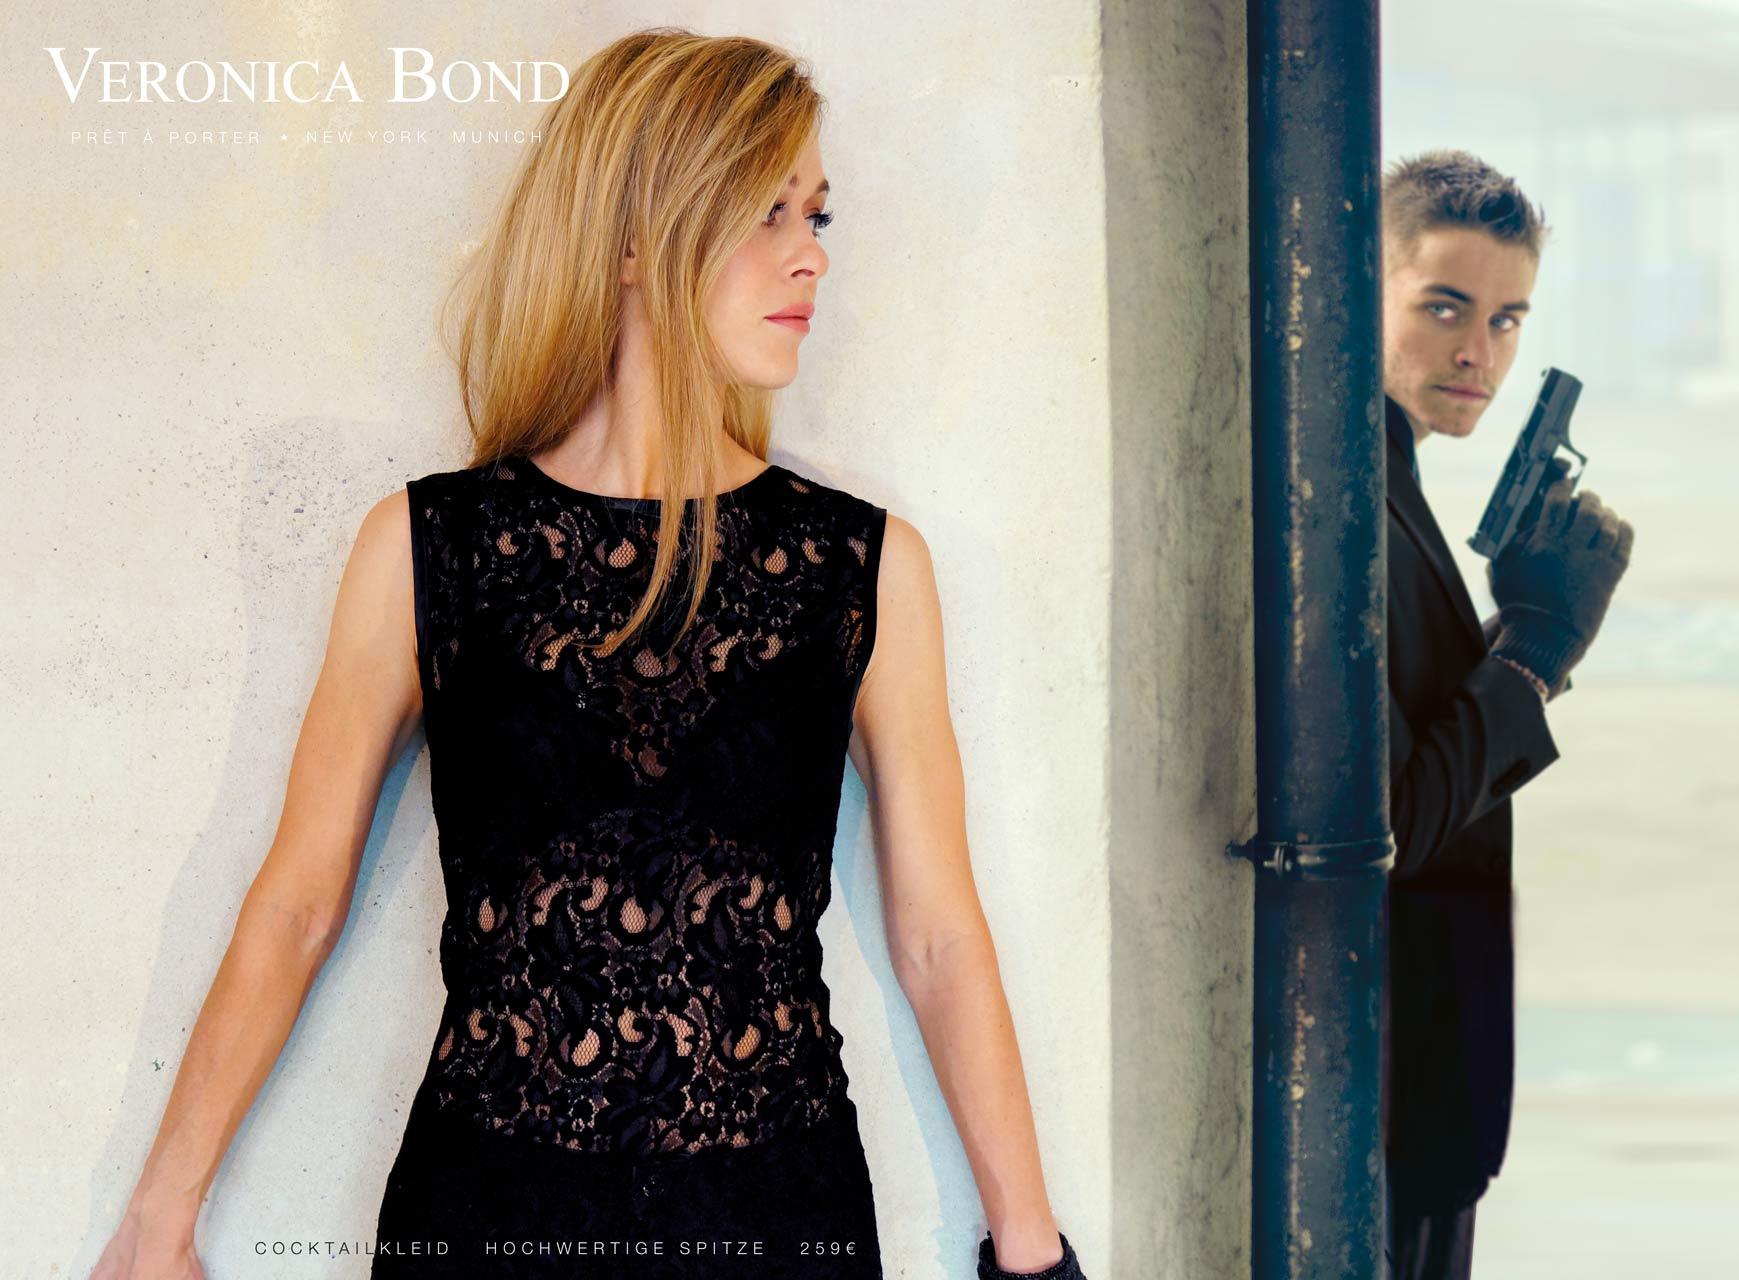 VERONICA BOND - Abendkleider, Cocktailkleider